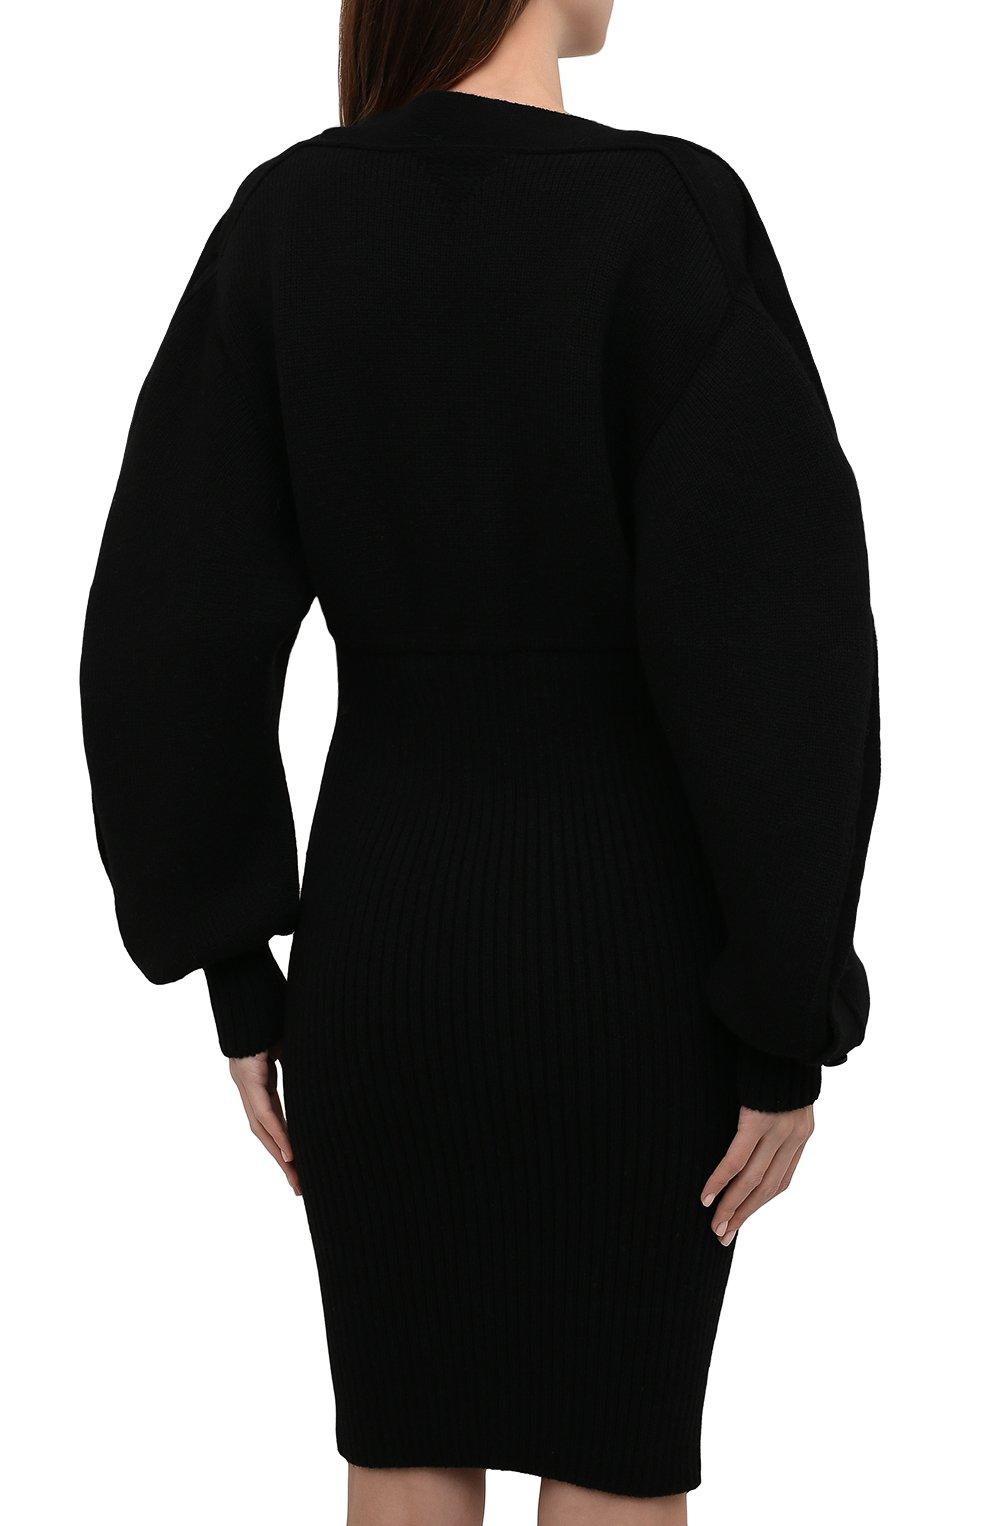 Женское шерстяное платье BOTTEGA VENETA черного цвета, арт. 677420/V1F50 | Фото 4 (Материал внешний: Шерсть; Рукава: Длинные; Длина Ж (юбки, платья, шорты): Мини, До колена; Случай: Повседневный; Кросс-КТ: Трикотаж; Стили: Бохо; Женское Кросс-КТ: Платье-одежда)